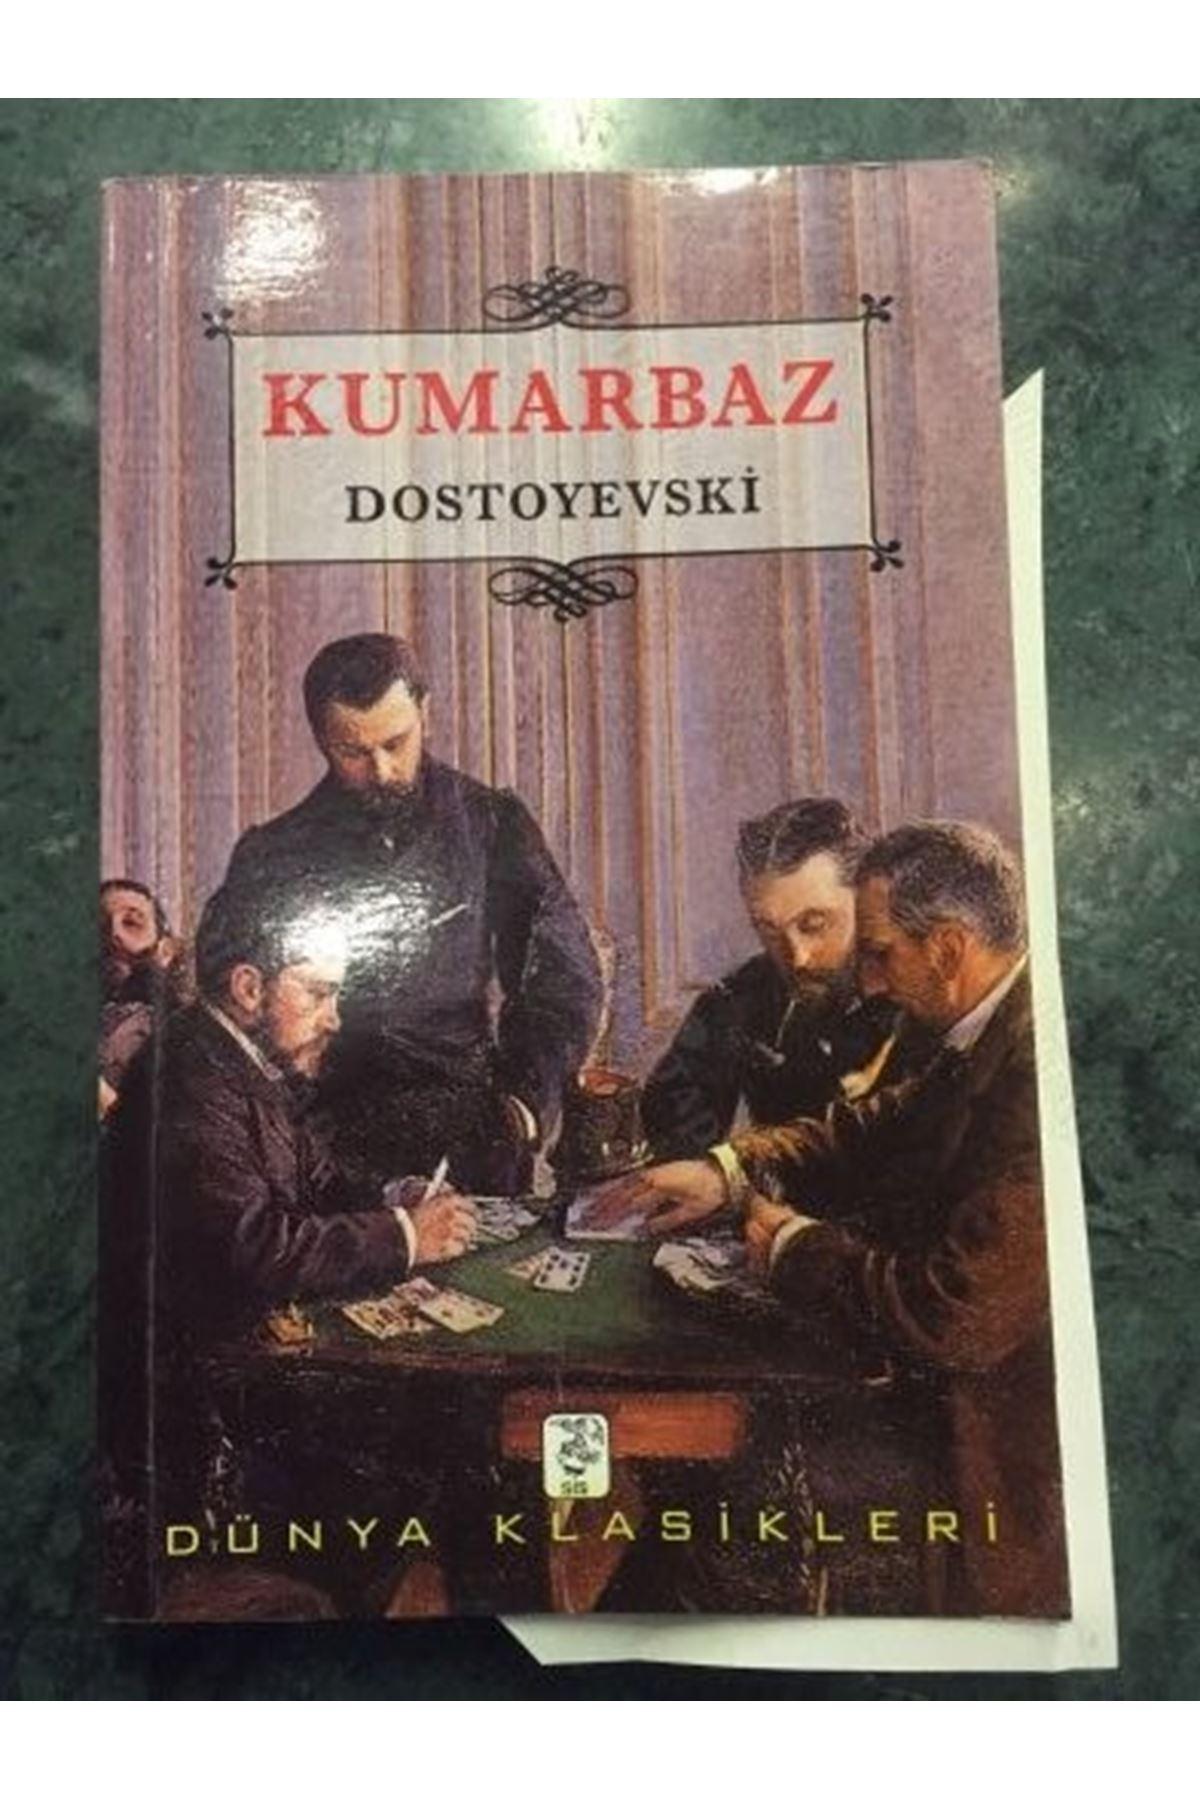 DOSTOYEVSKİ - KUMARBAZ